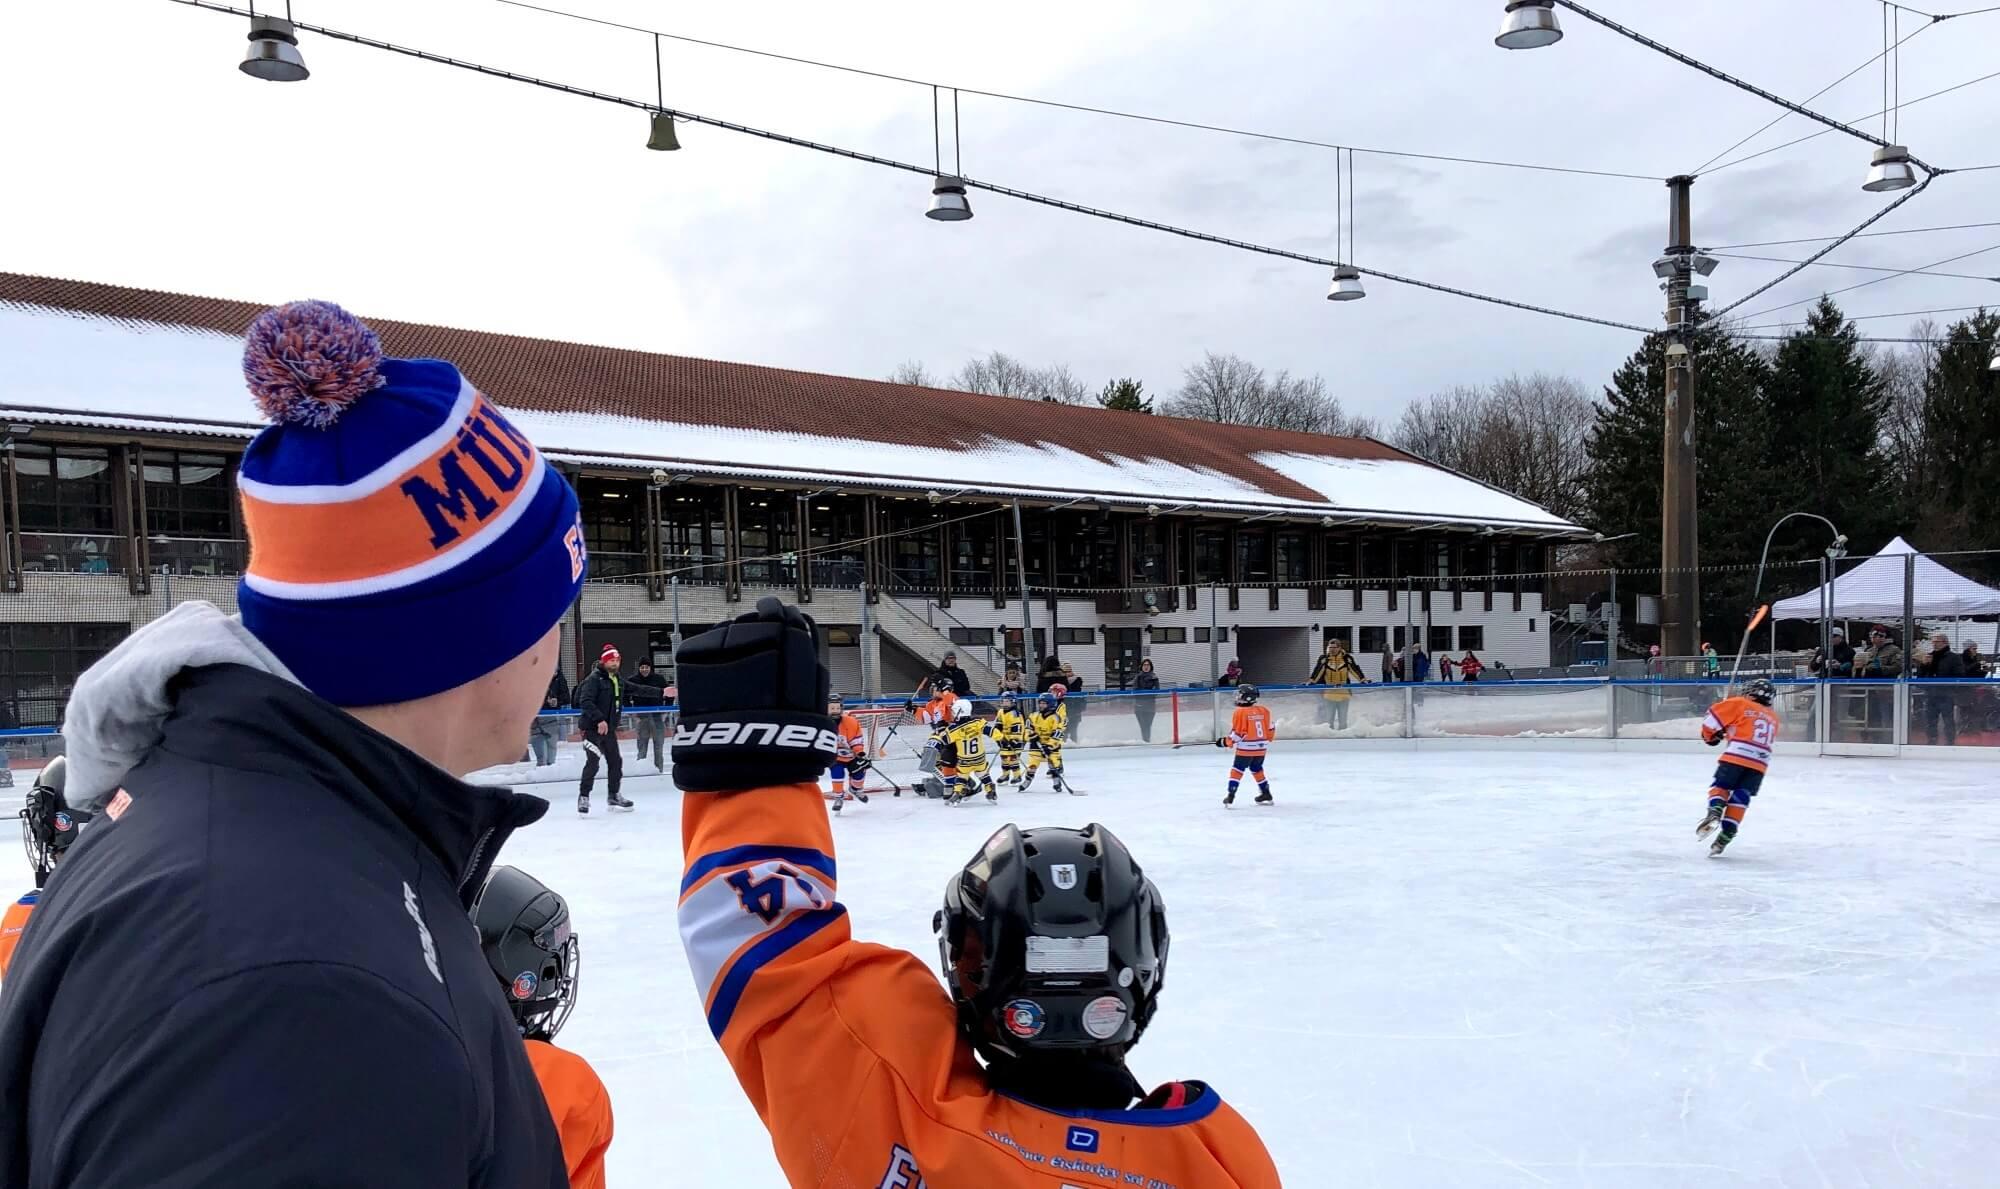 Mützen in Vereinsfarben <br>Eishockey-Kleinstschüler des ESC München